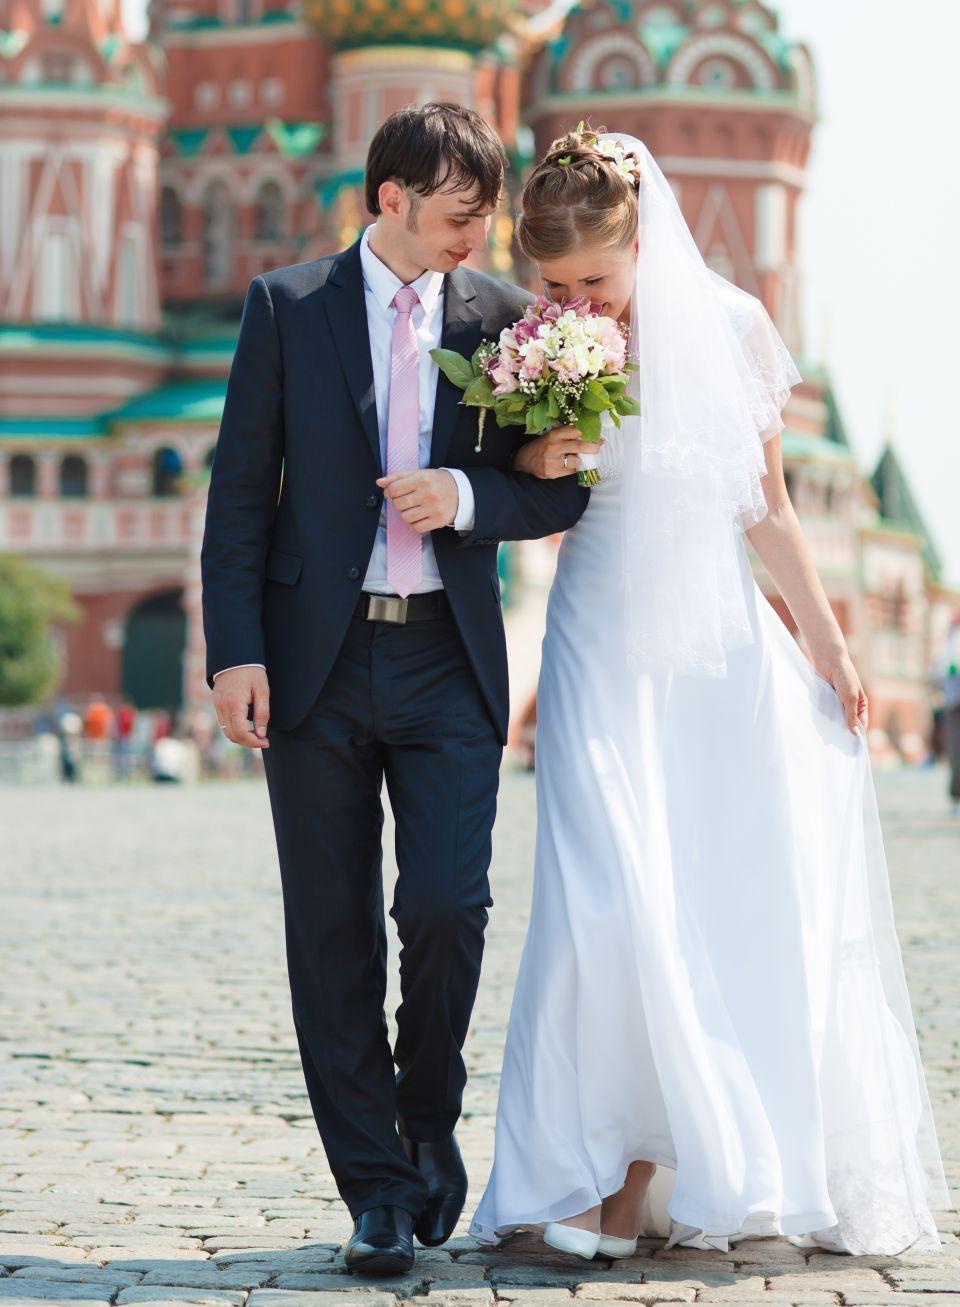 Russia/Ukraine